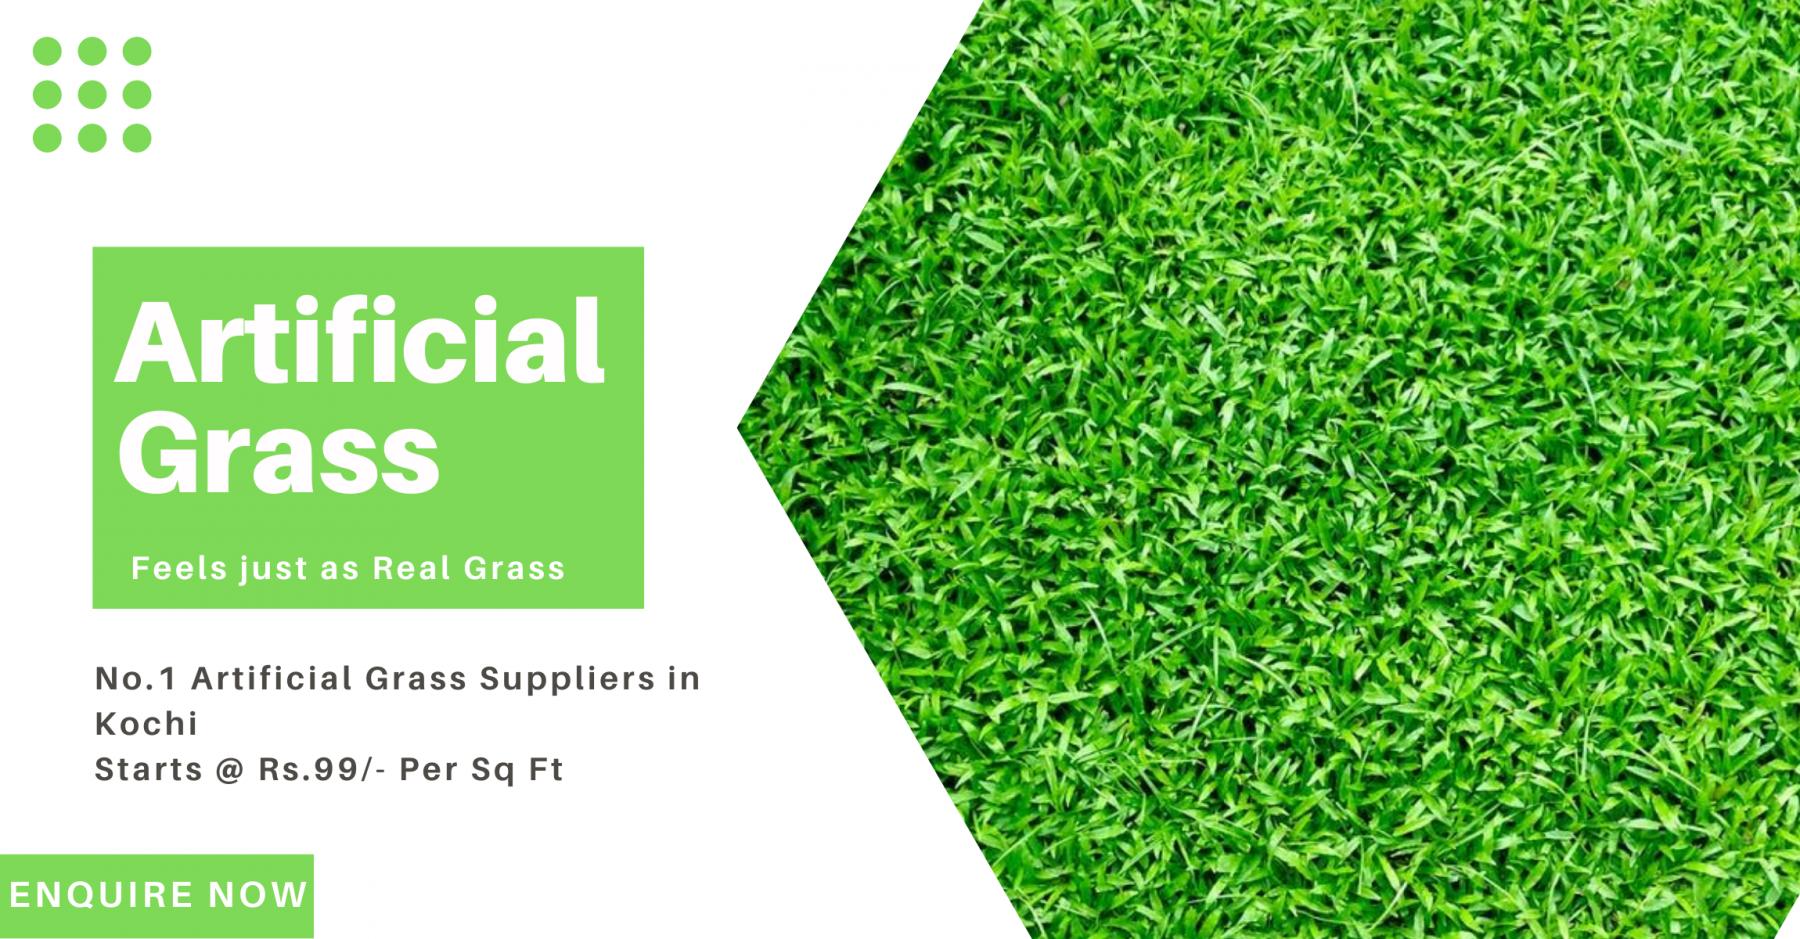 Artificial grass suppliers kochi